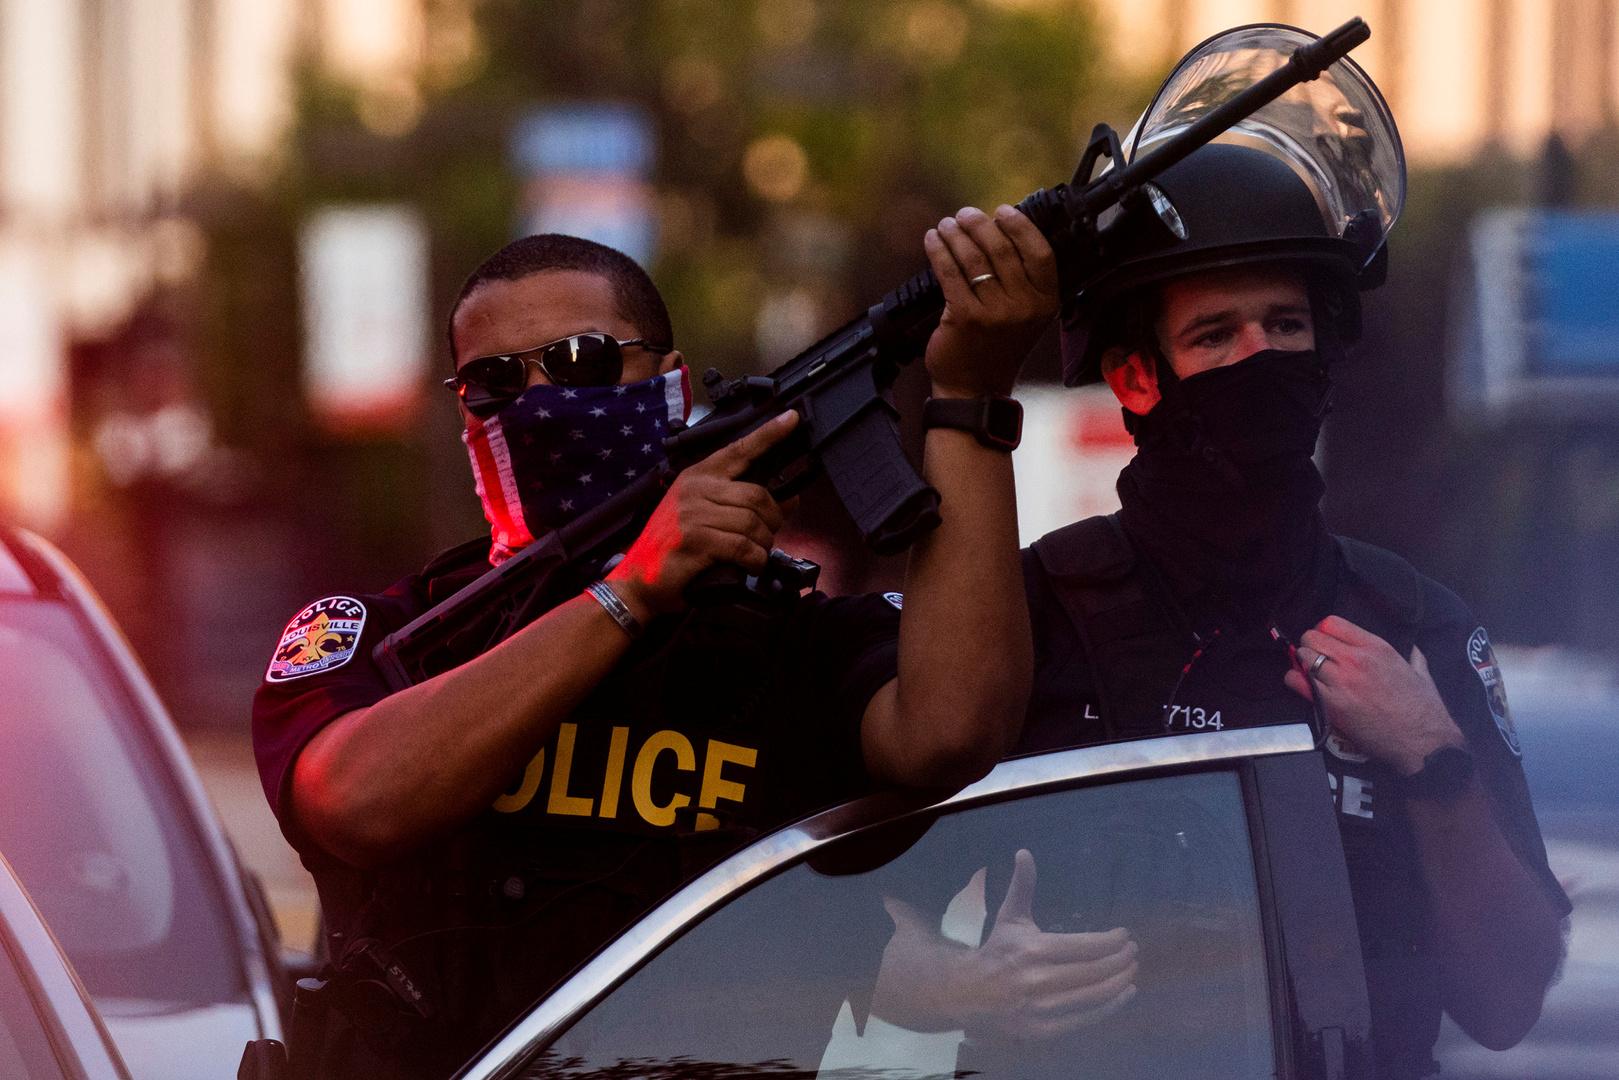 رجال شرطة في مدينة لويسفيل الأمريكية